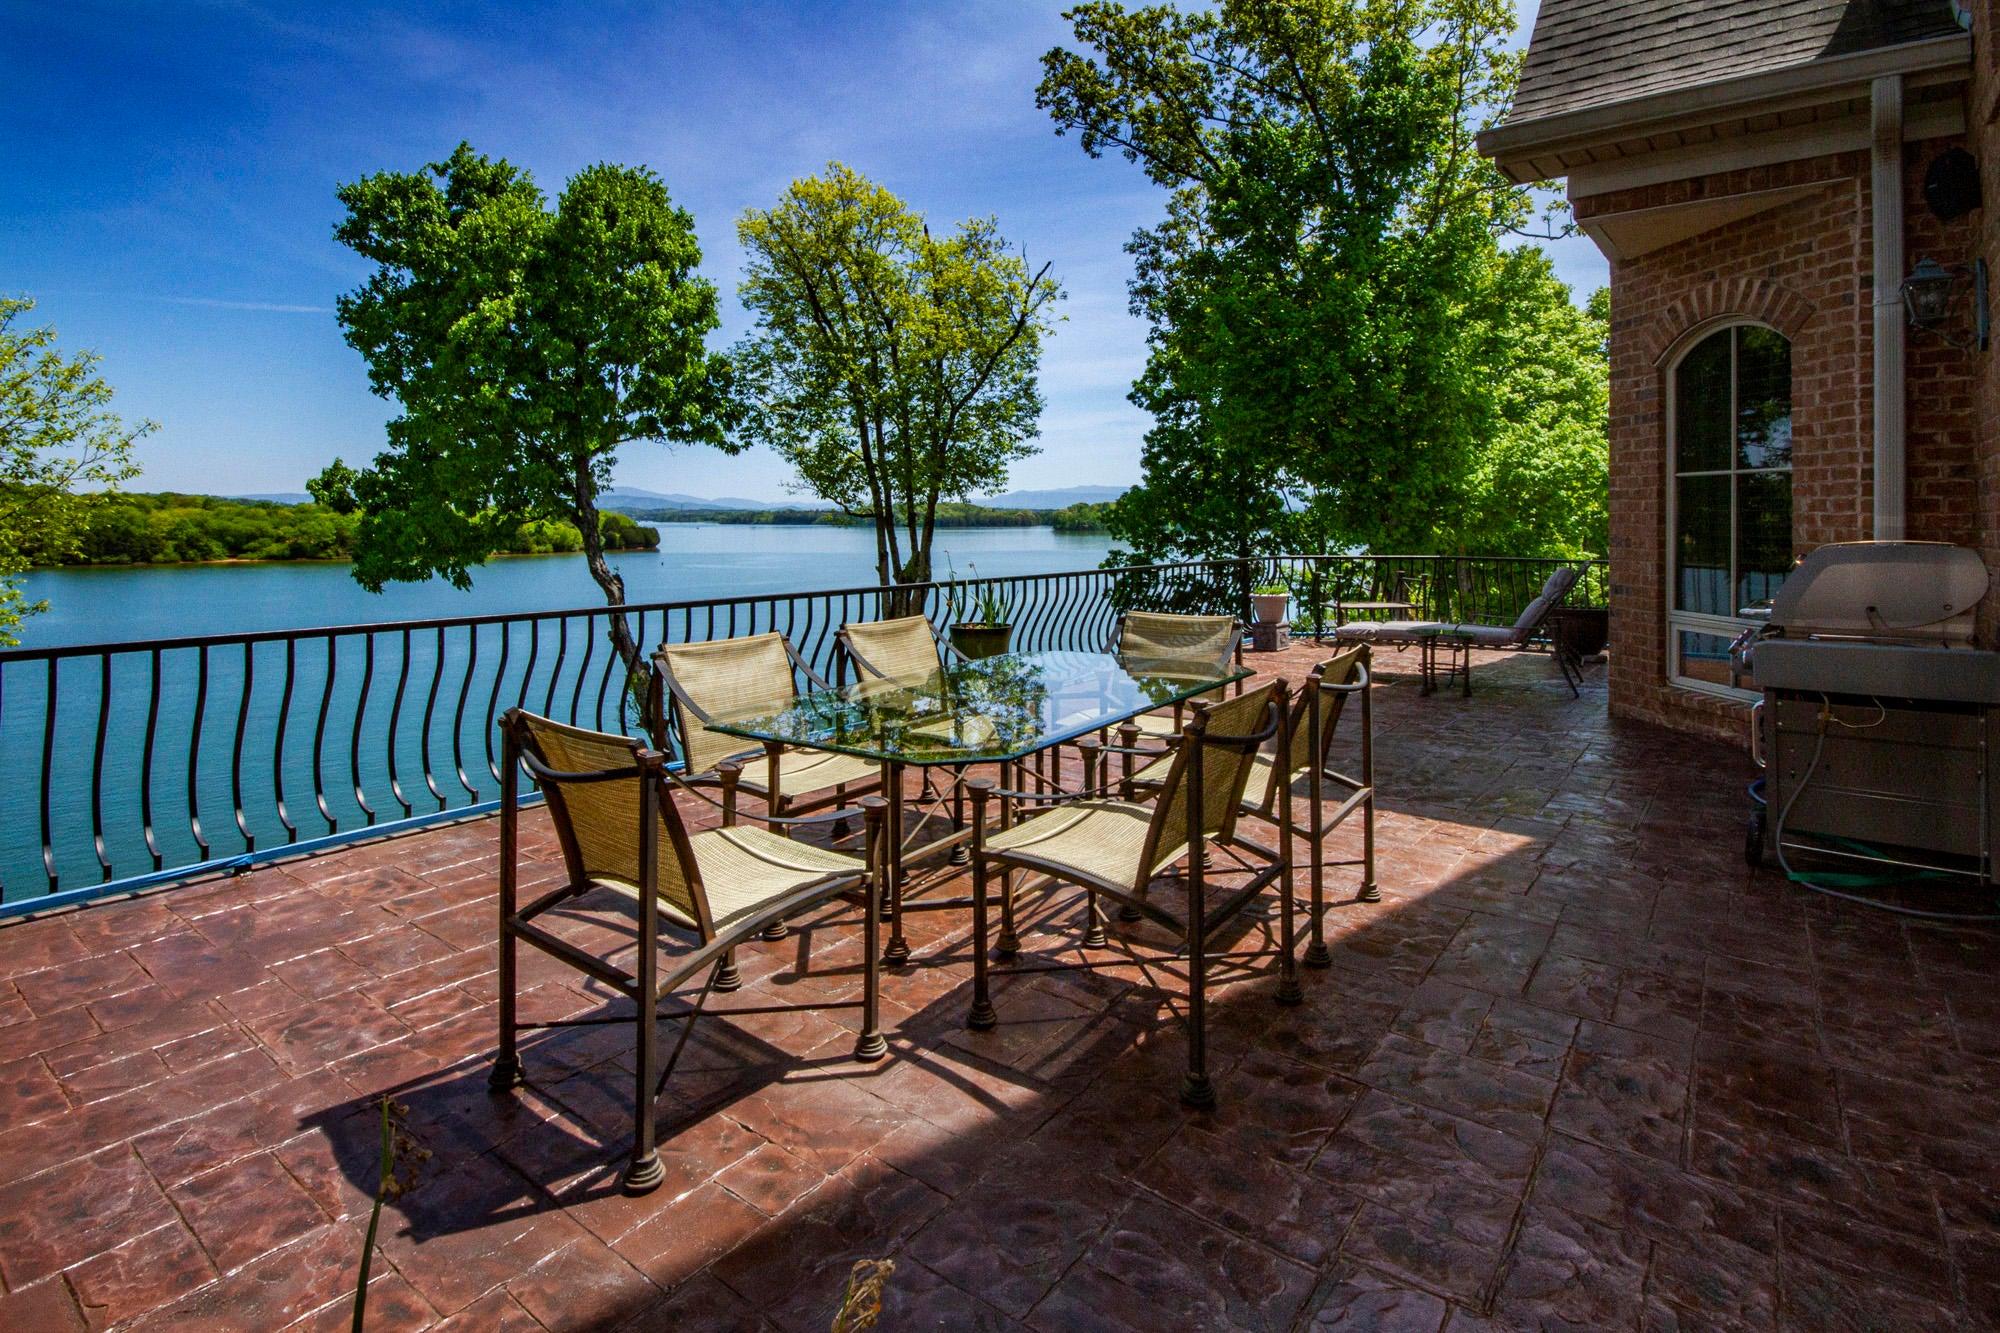 Lake & Mountain Deck Views!